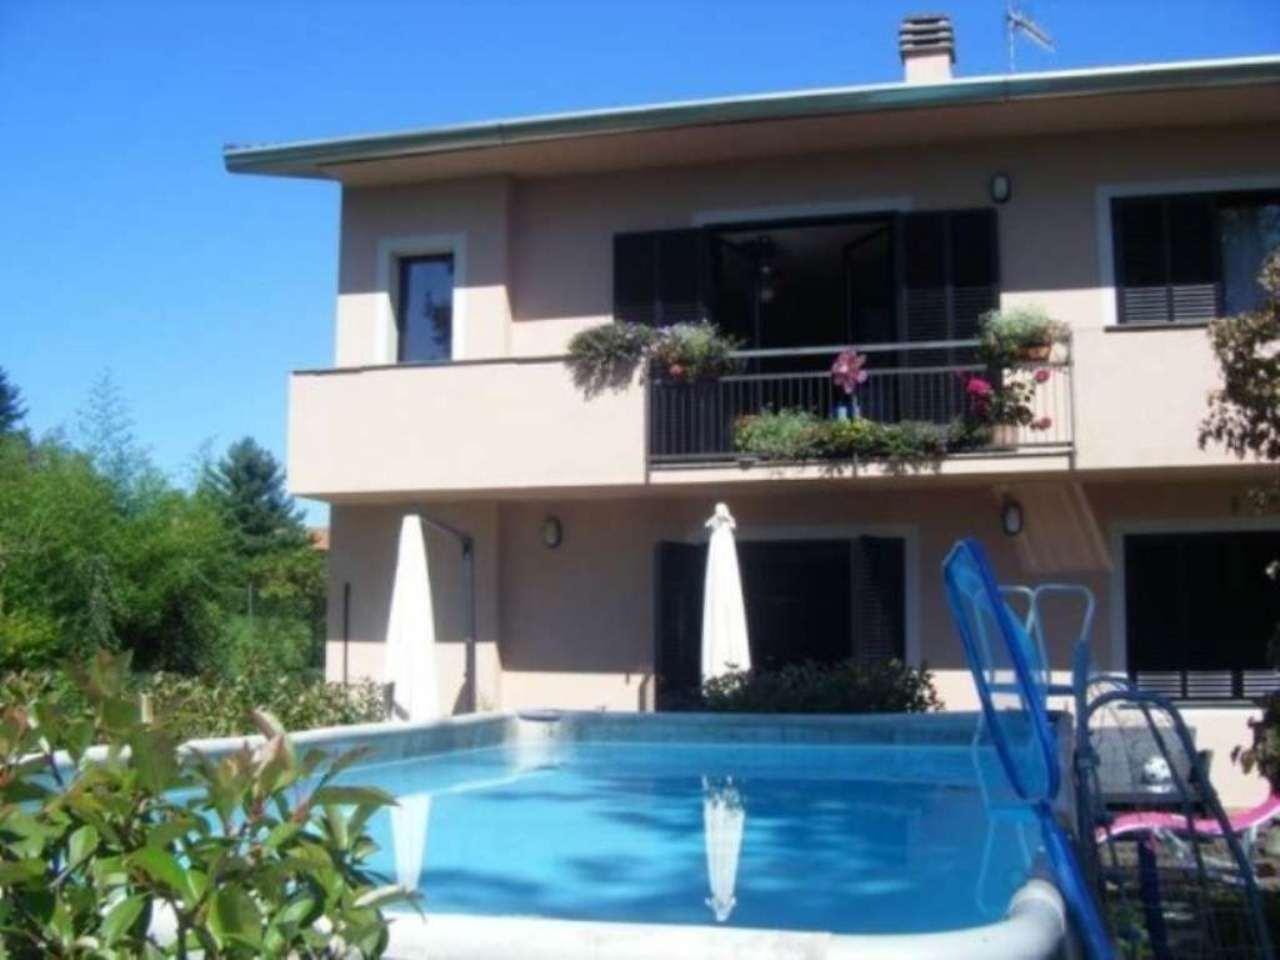 Villa in vendita a Sesto Calende, 5 locali, Trattative riservate | Cambio Casa.it